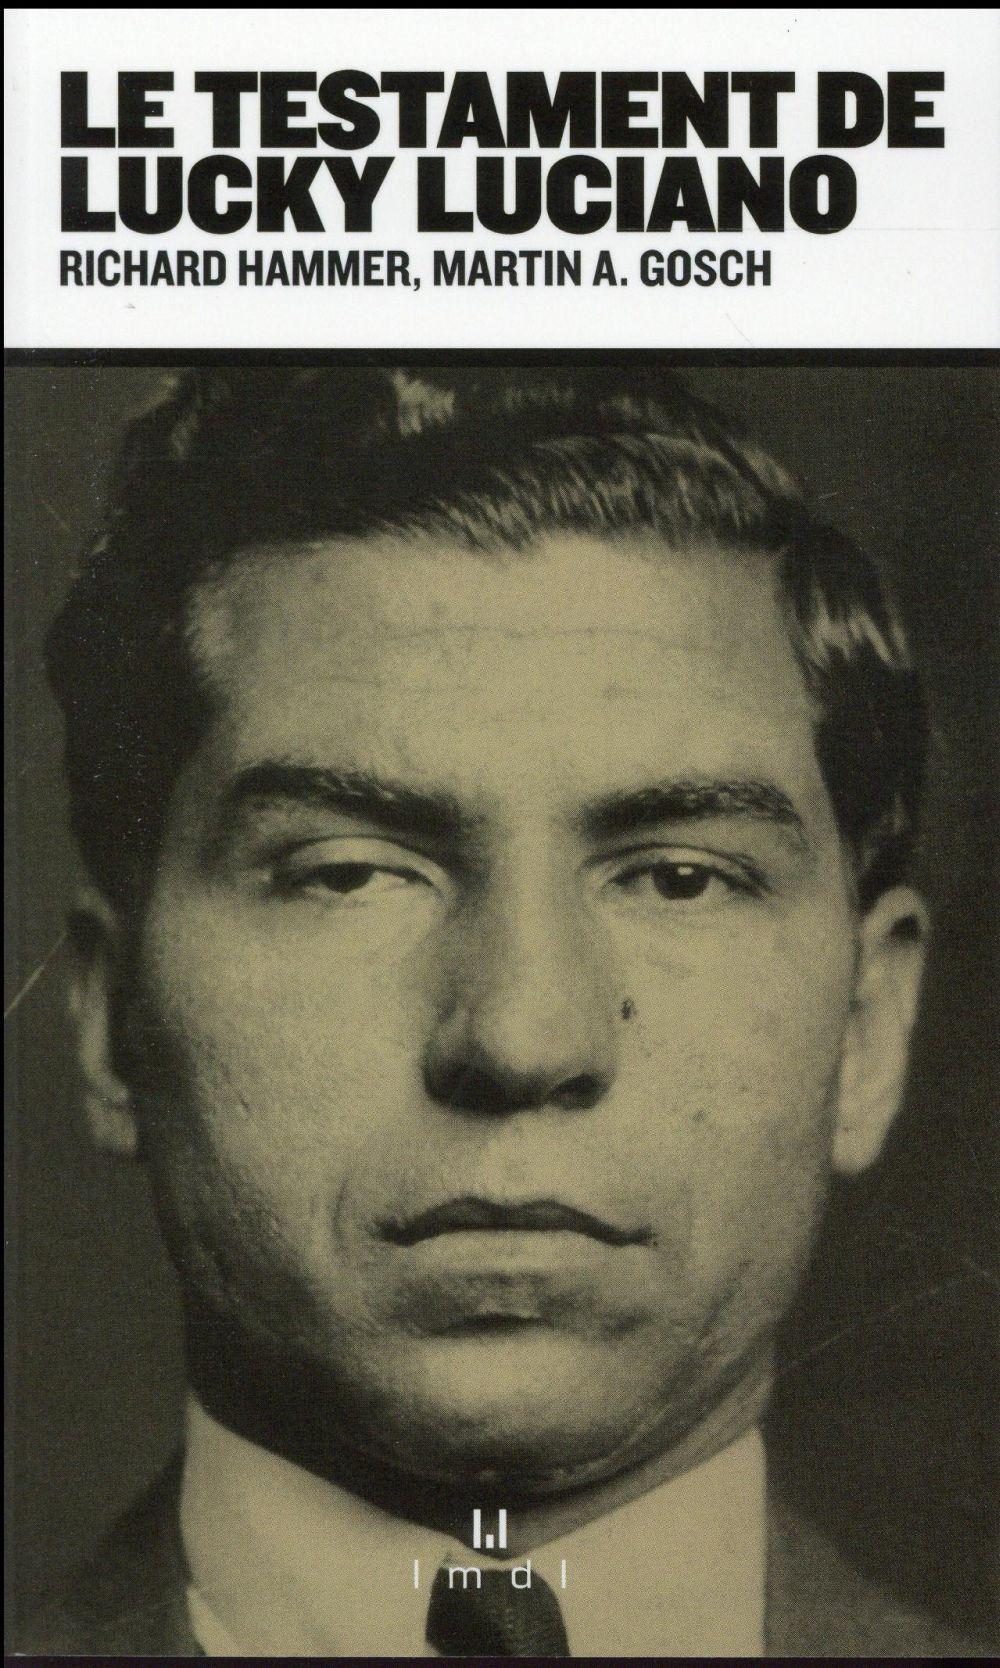 Le testament de Lucky Luciano